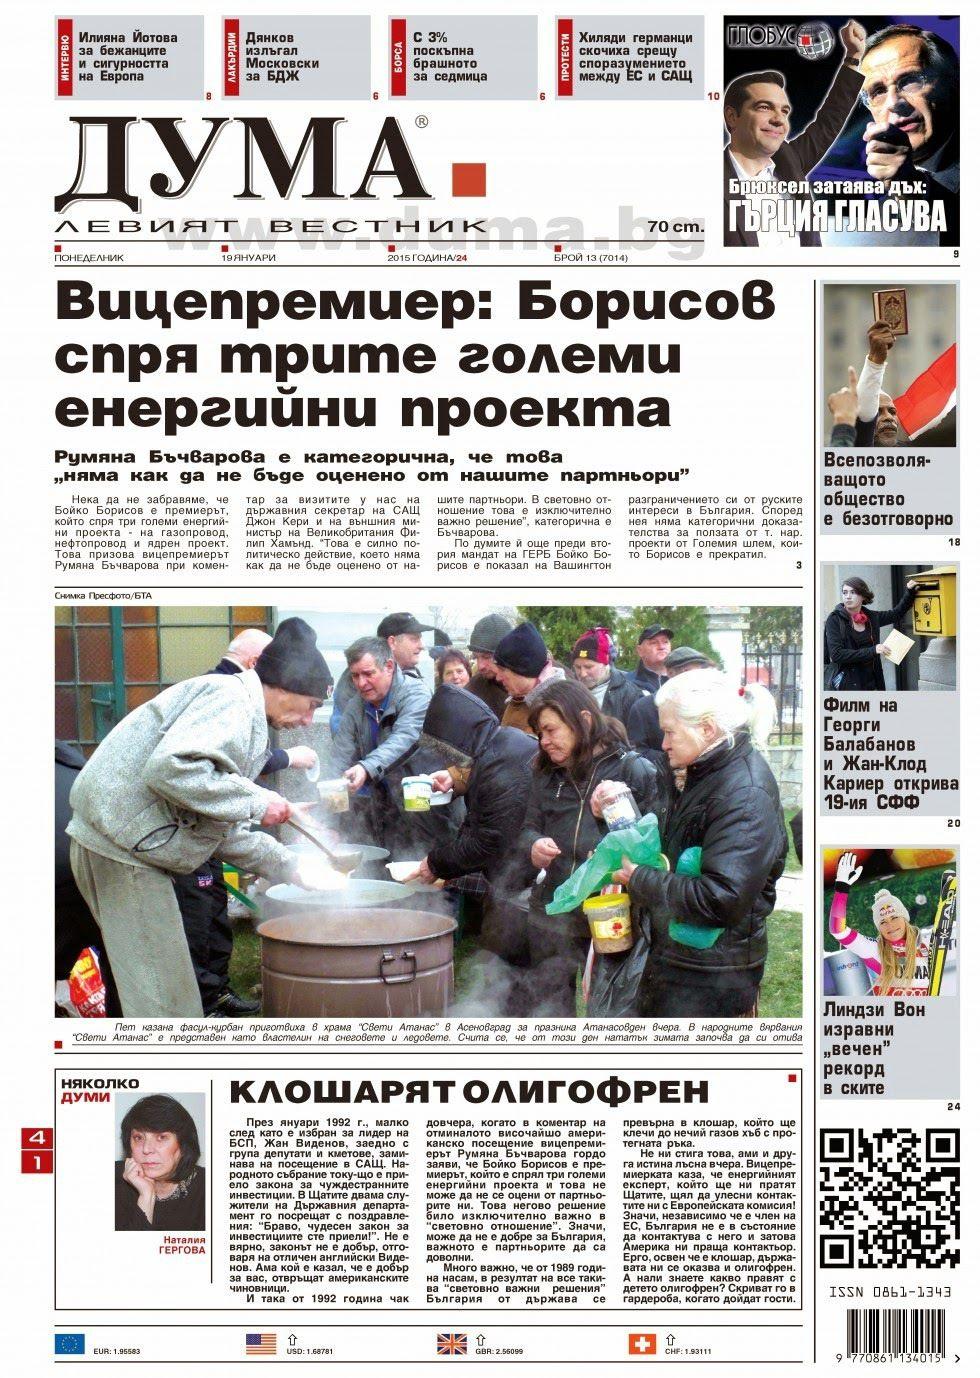 """Вестници и списания: Вестник """"ДУМА"""", 19 януари 2015 г.  http://vestnici24.blogspot.com/2015/01/vestnik-duma_19.html"""